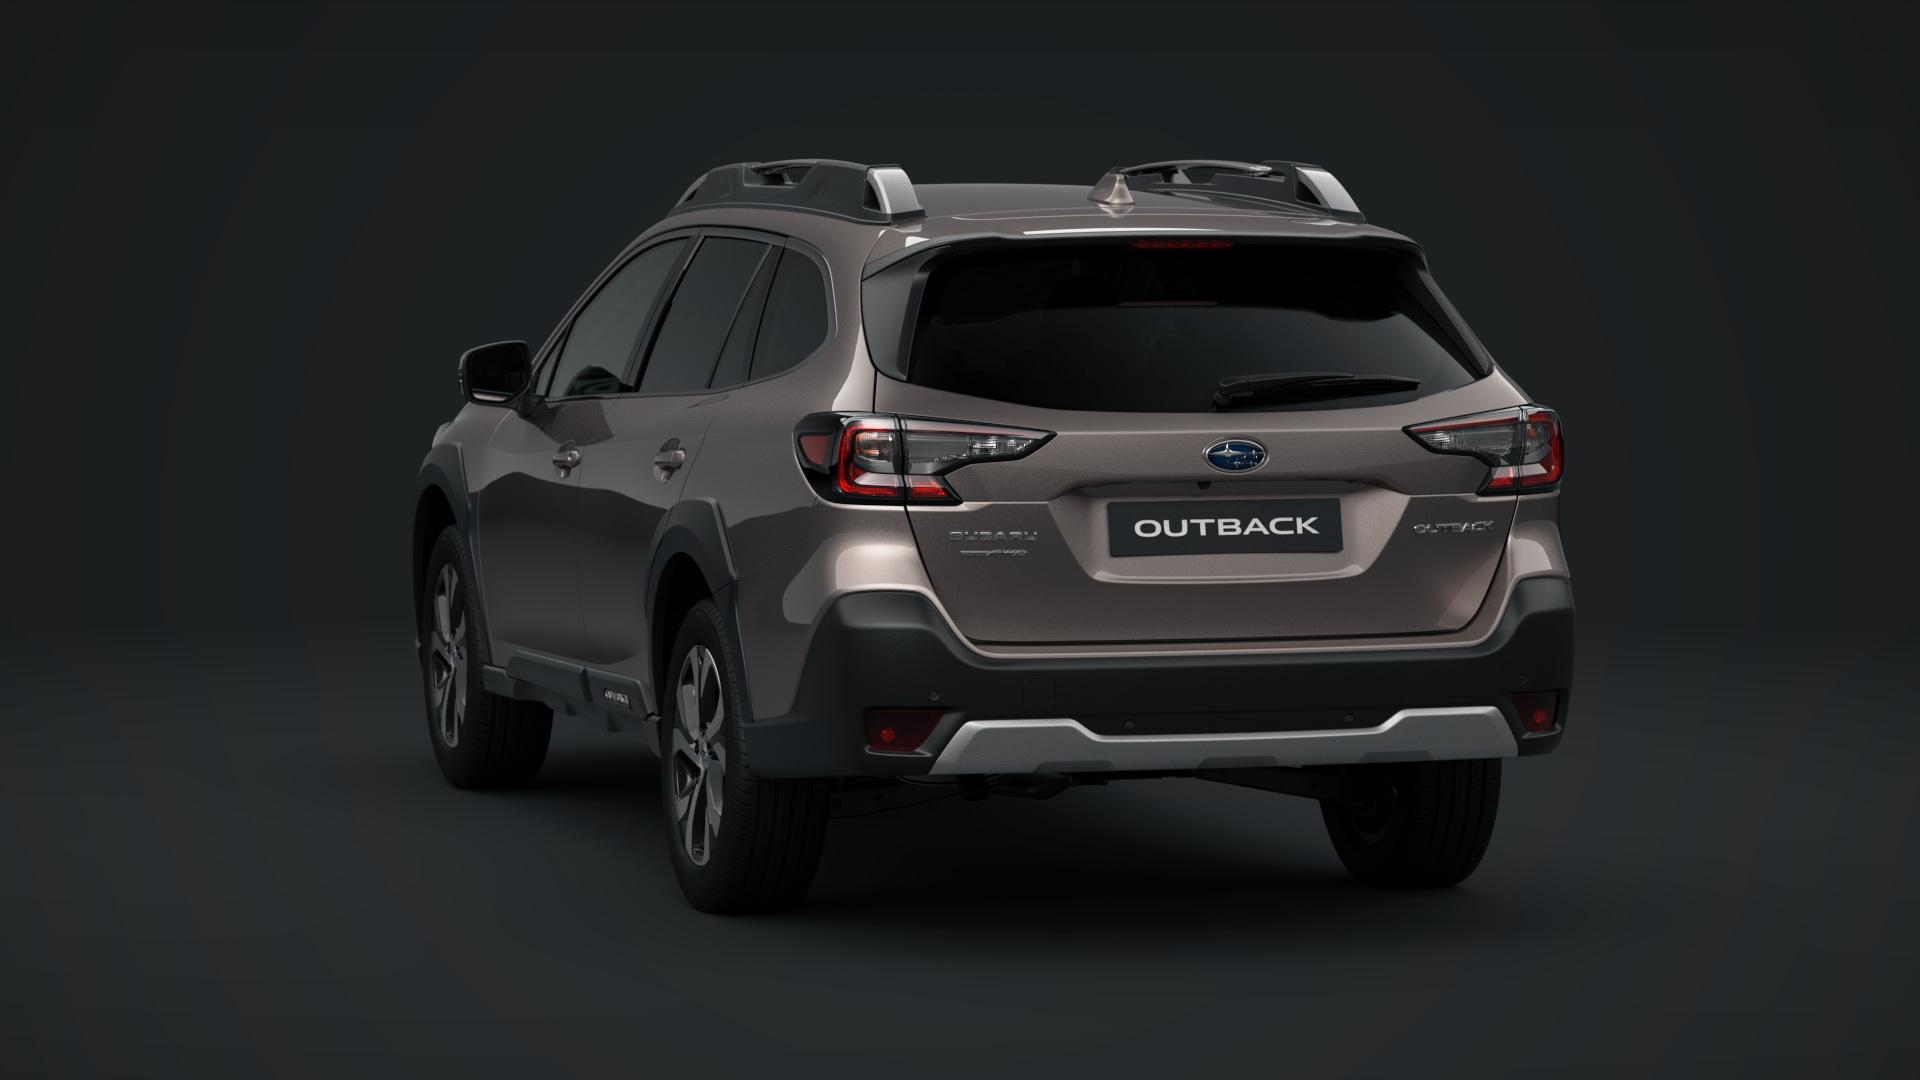 Subaru Outback прибывает в Европу, но только с одним двигателем